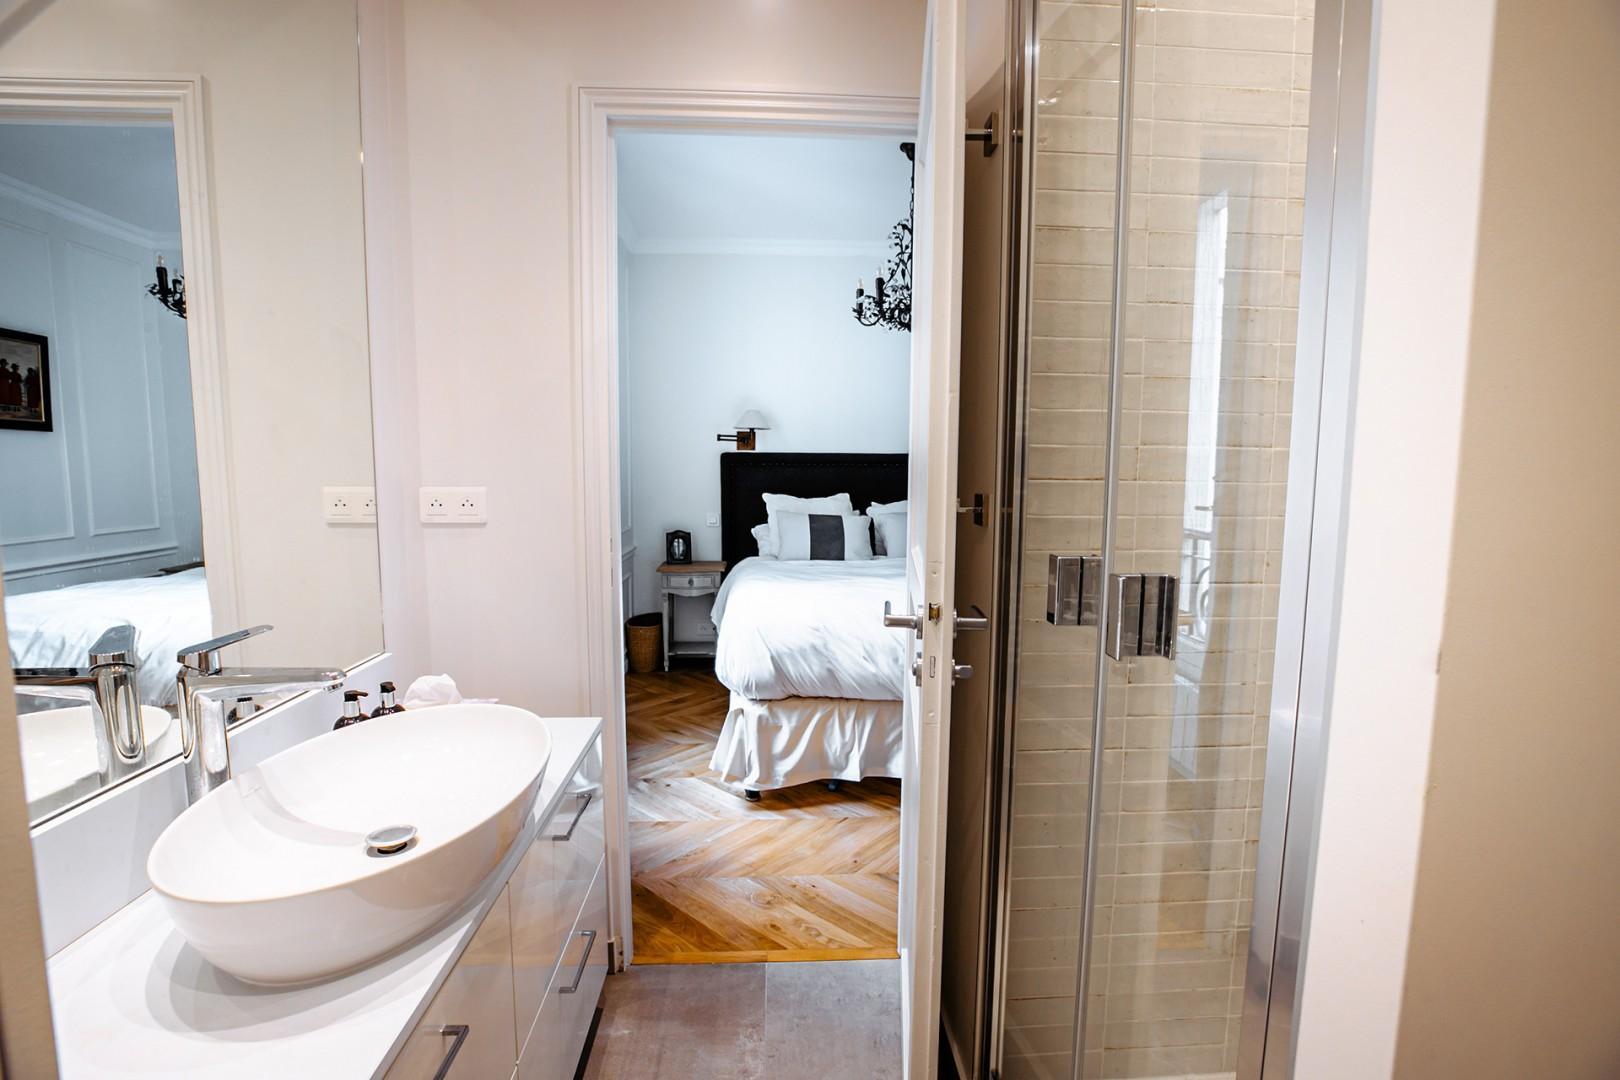 The beautiful en suite bathroom is tiled in Travertine marble